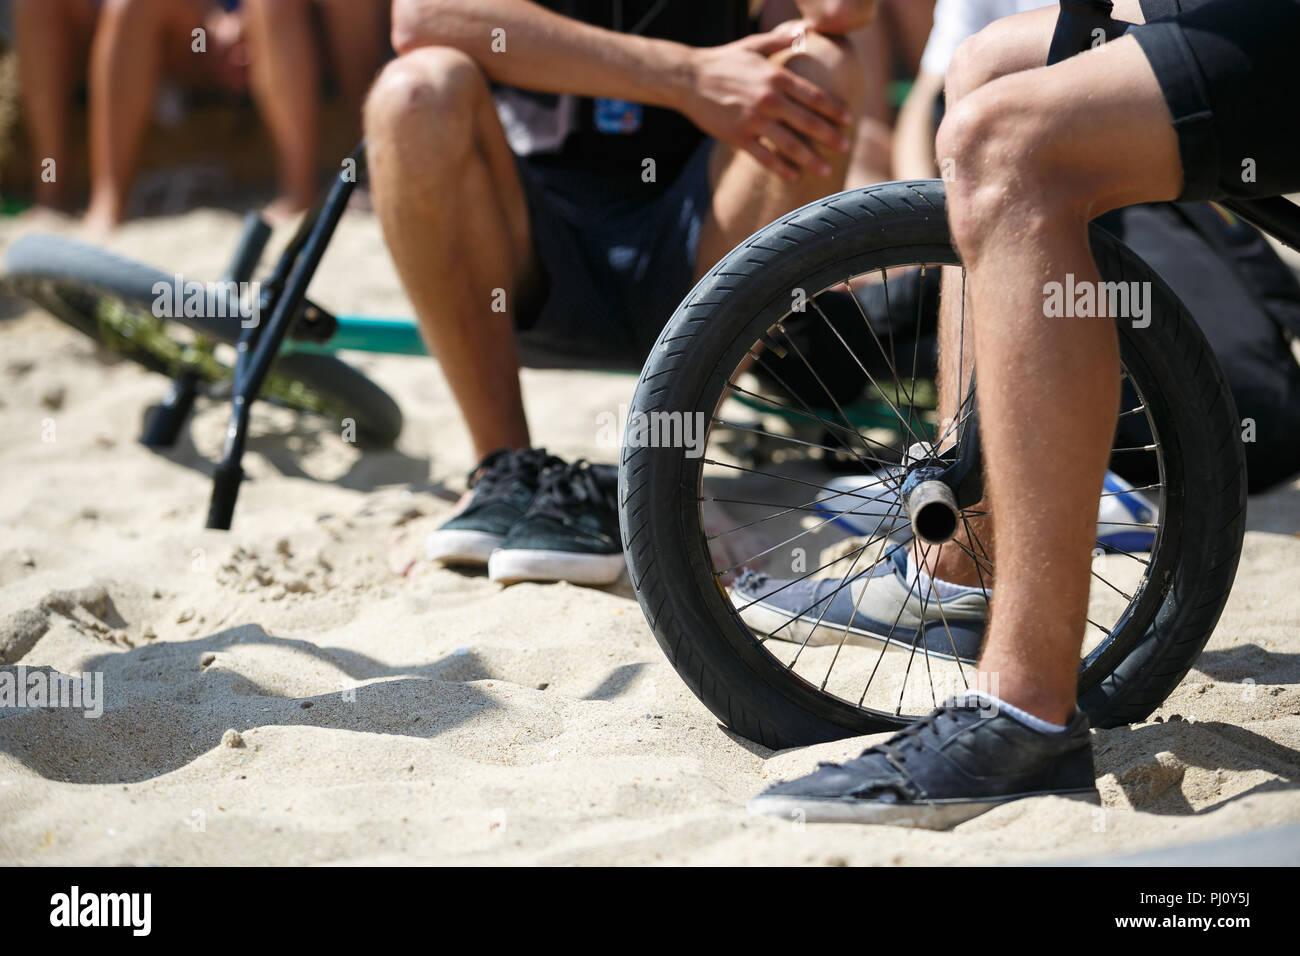 Junge BMX-Fahrer sitzen auf dem Fahrrad in outdoor Park im Sommer extreme sports Festival. Teenager Junge reitet auf spezialisierten Bike zum Ausführen von Tricks in Stockfoto